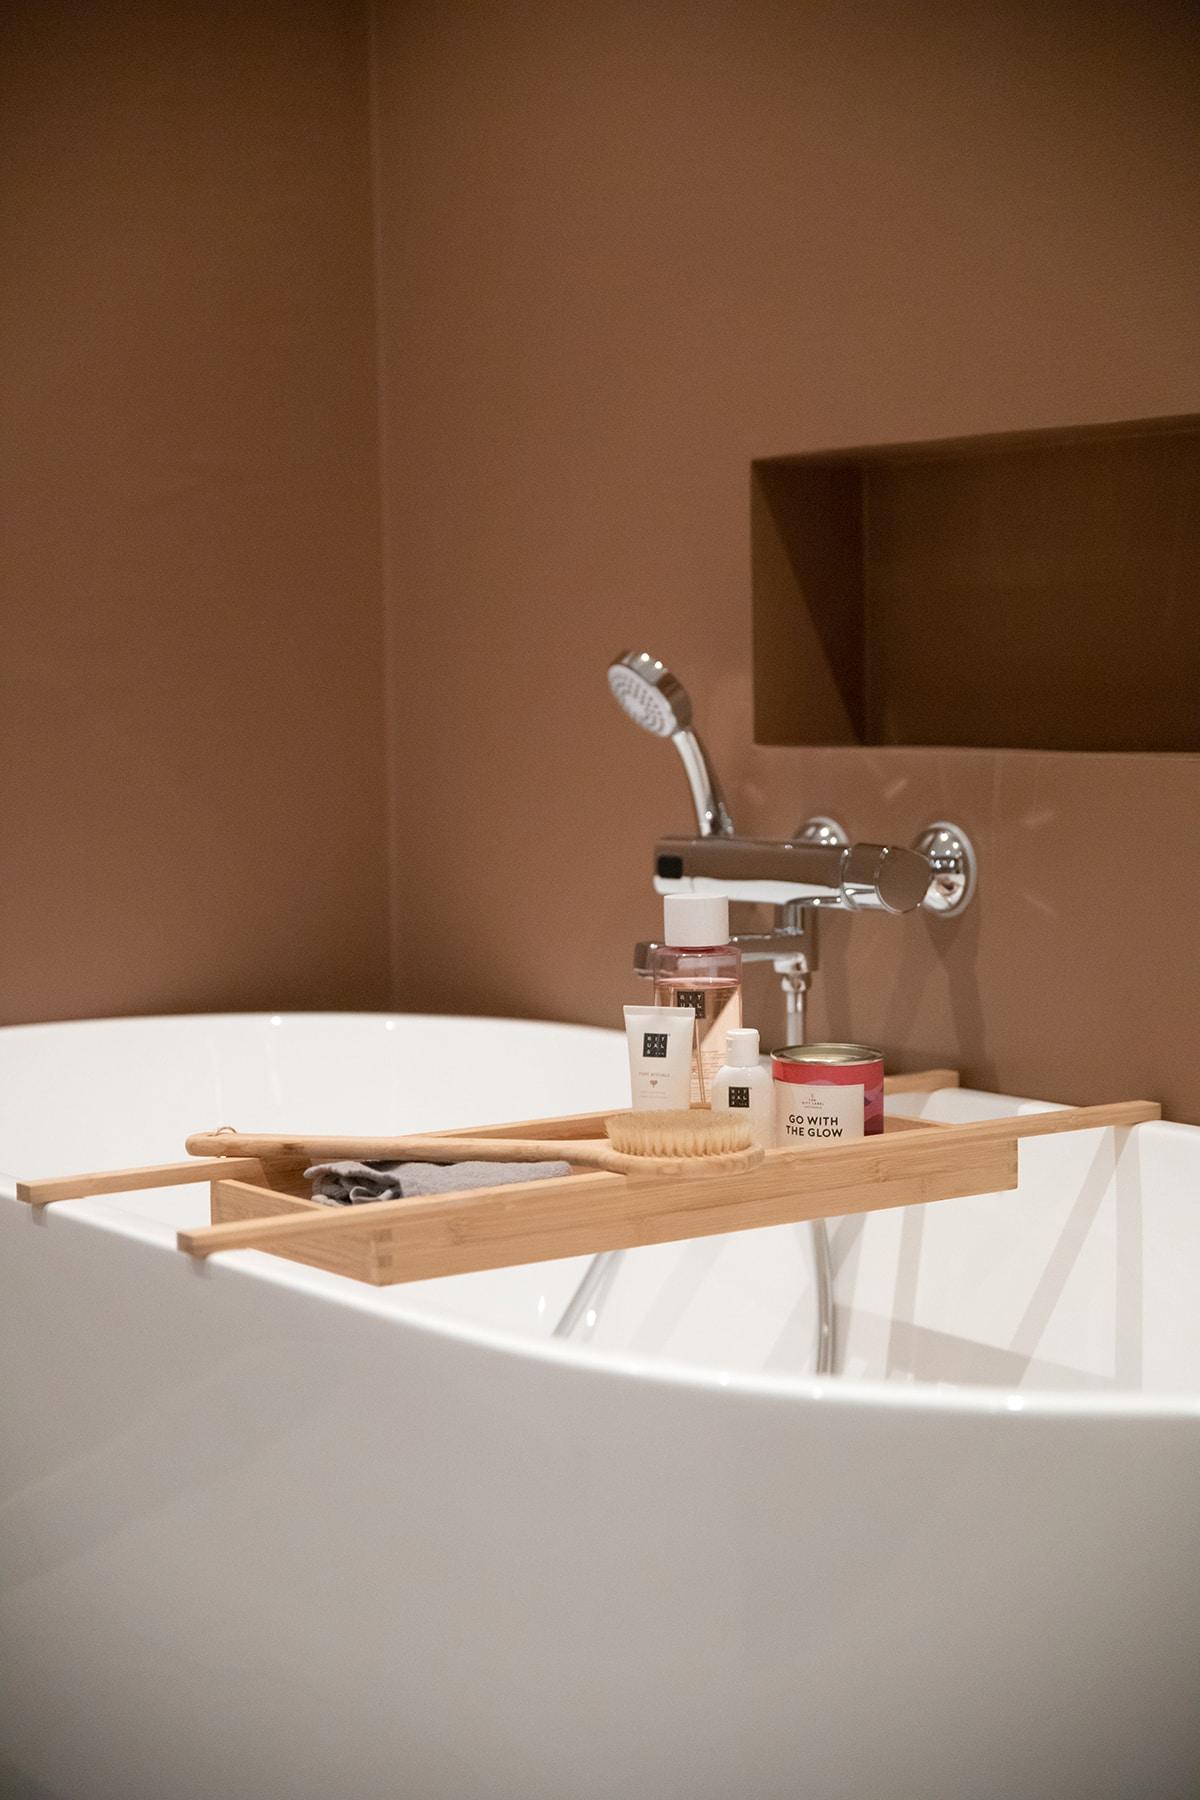 Hovedbad med flotter interiør detaljer - Villa jentoft i Haugesund